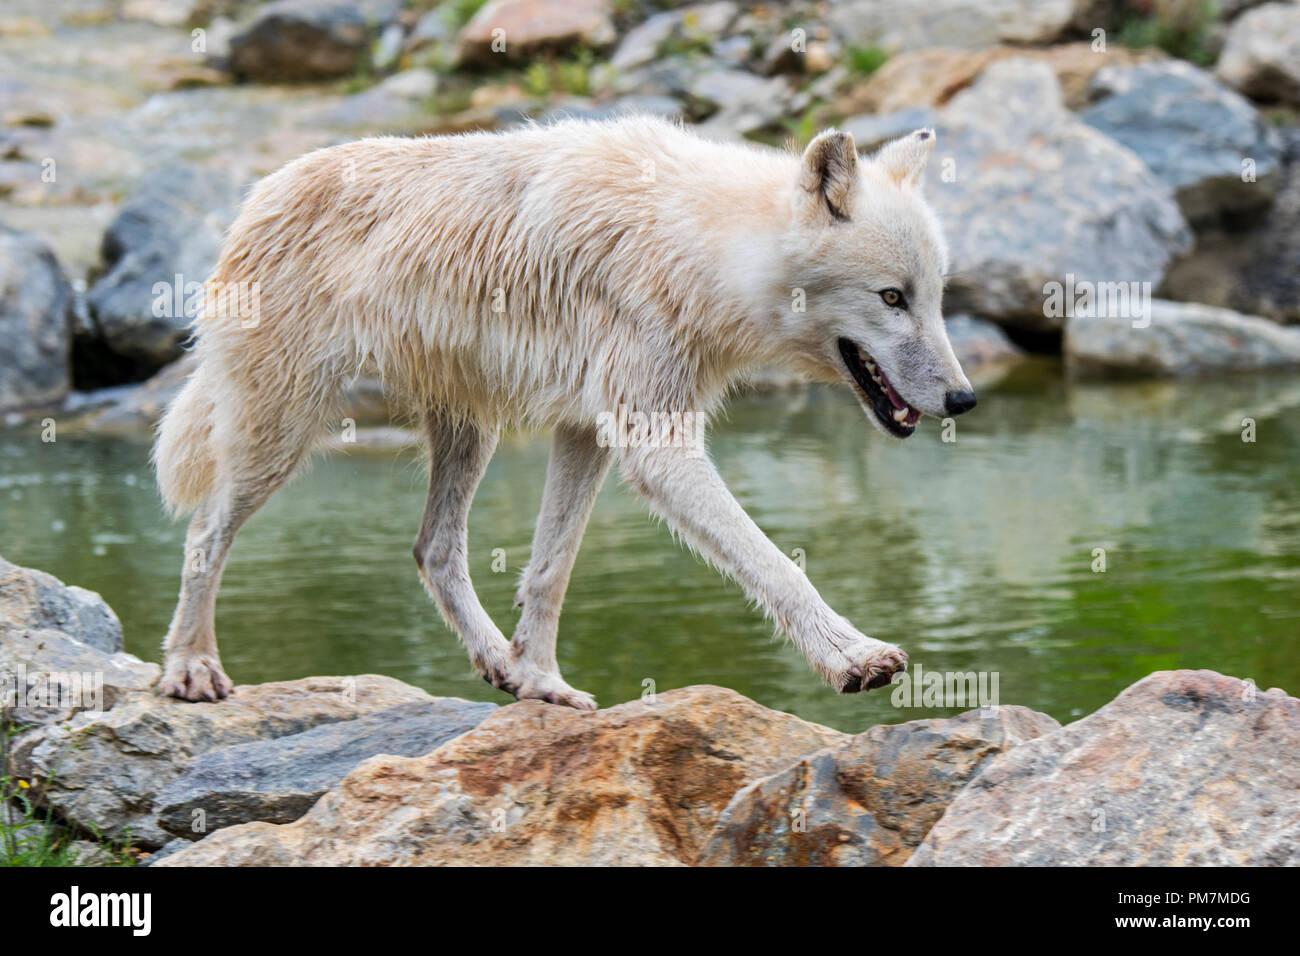 Lone Artico Canadese wolf / White Wolf / Polar lupo (Canis lupus arctos) nativa per il Canada rovistando lungo il torrente Immagini Stock